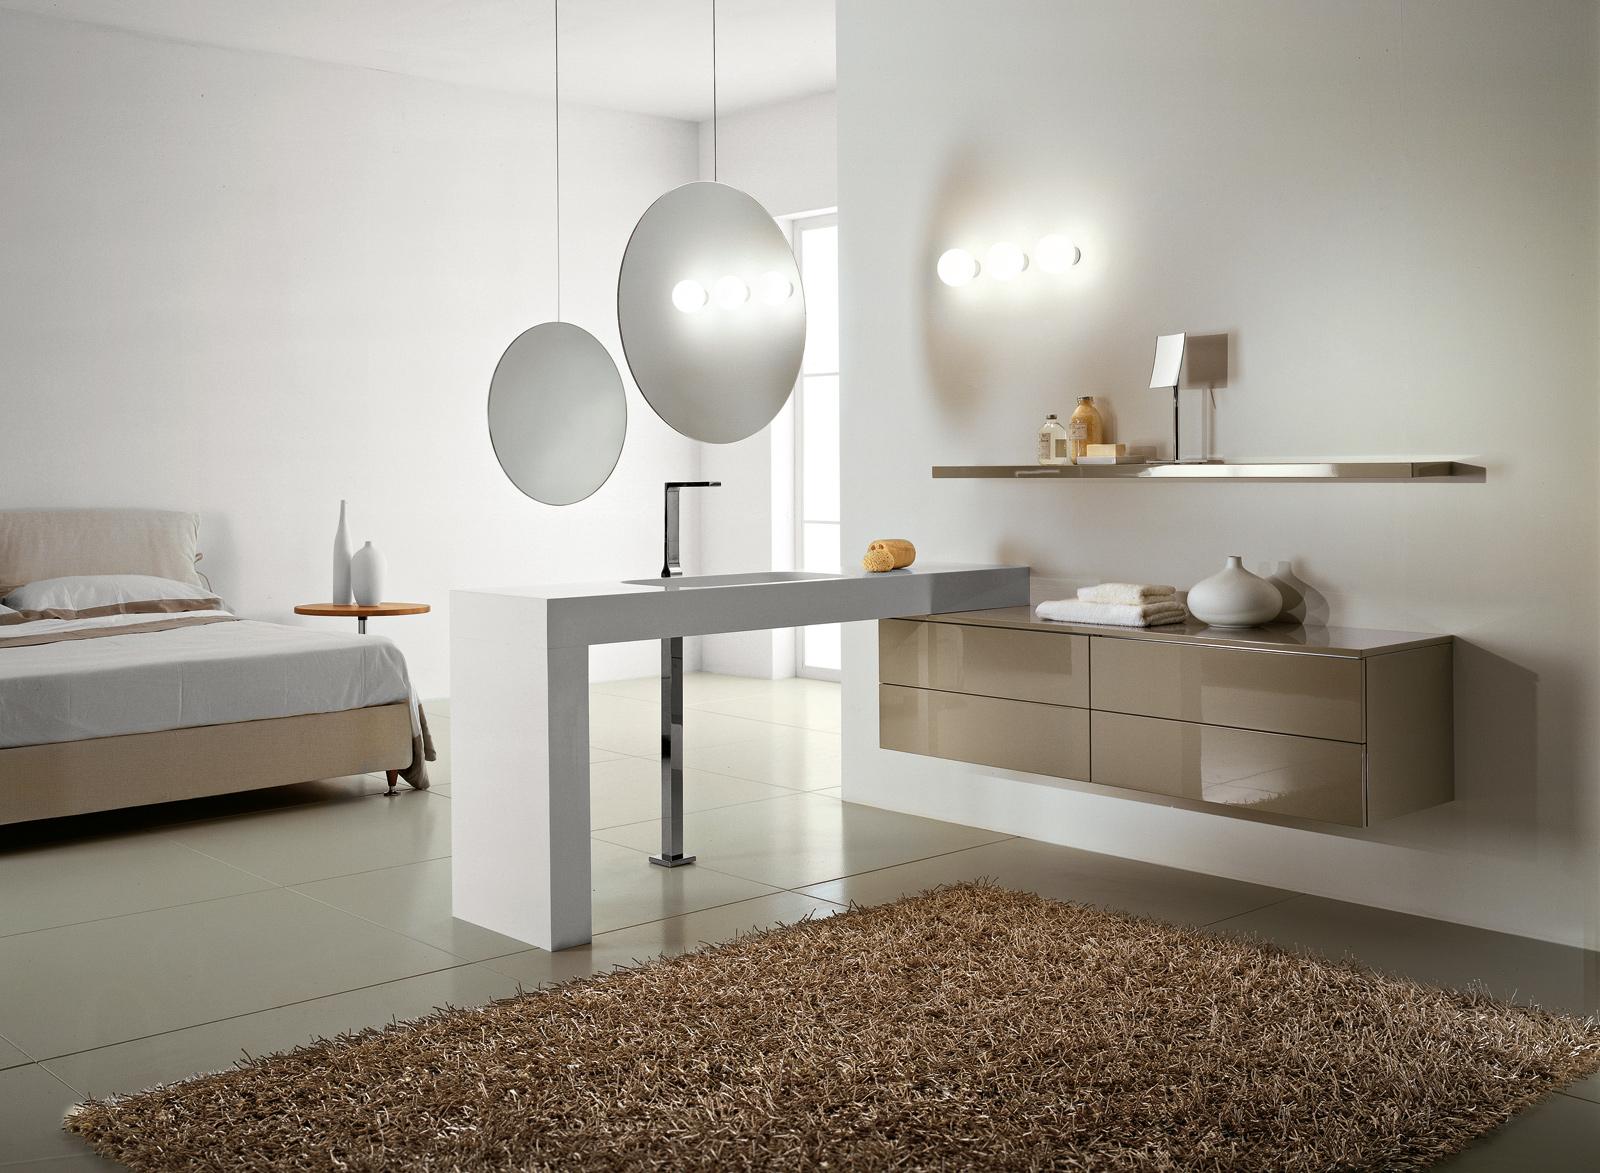 Lampadari ikea italia la collezione di disegni di lampade che presentiamo nell - Progetto bagno paderno ...